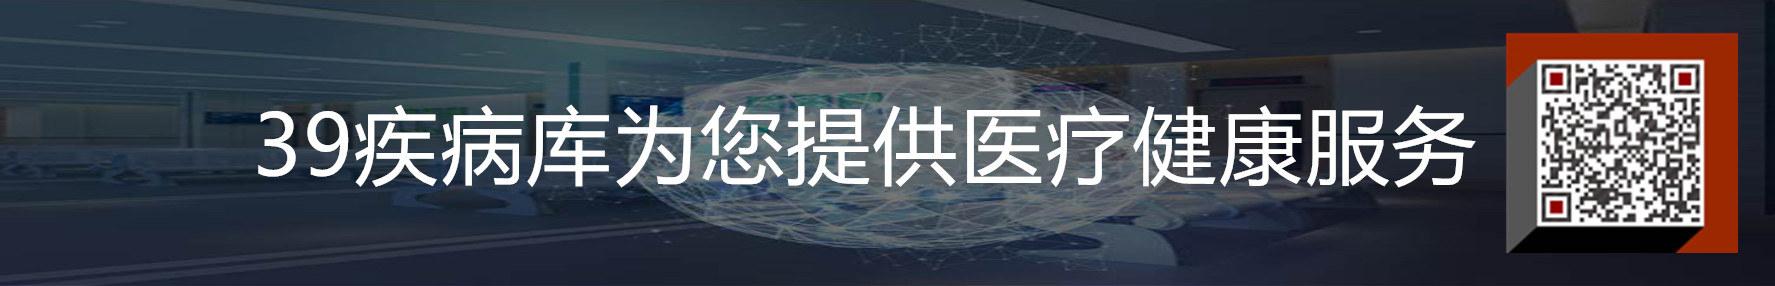 台州男科医院